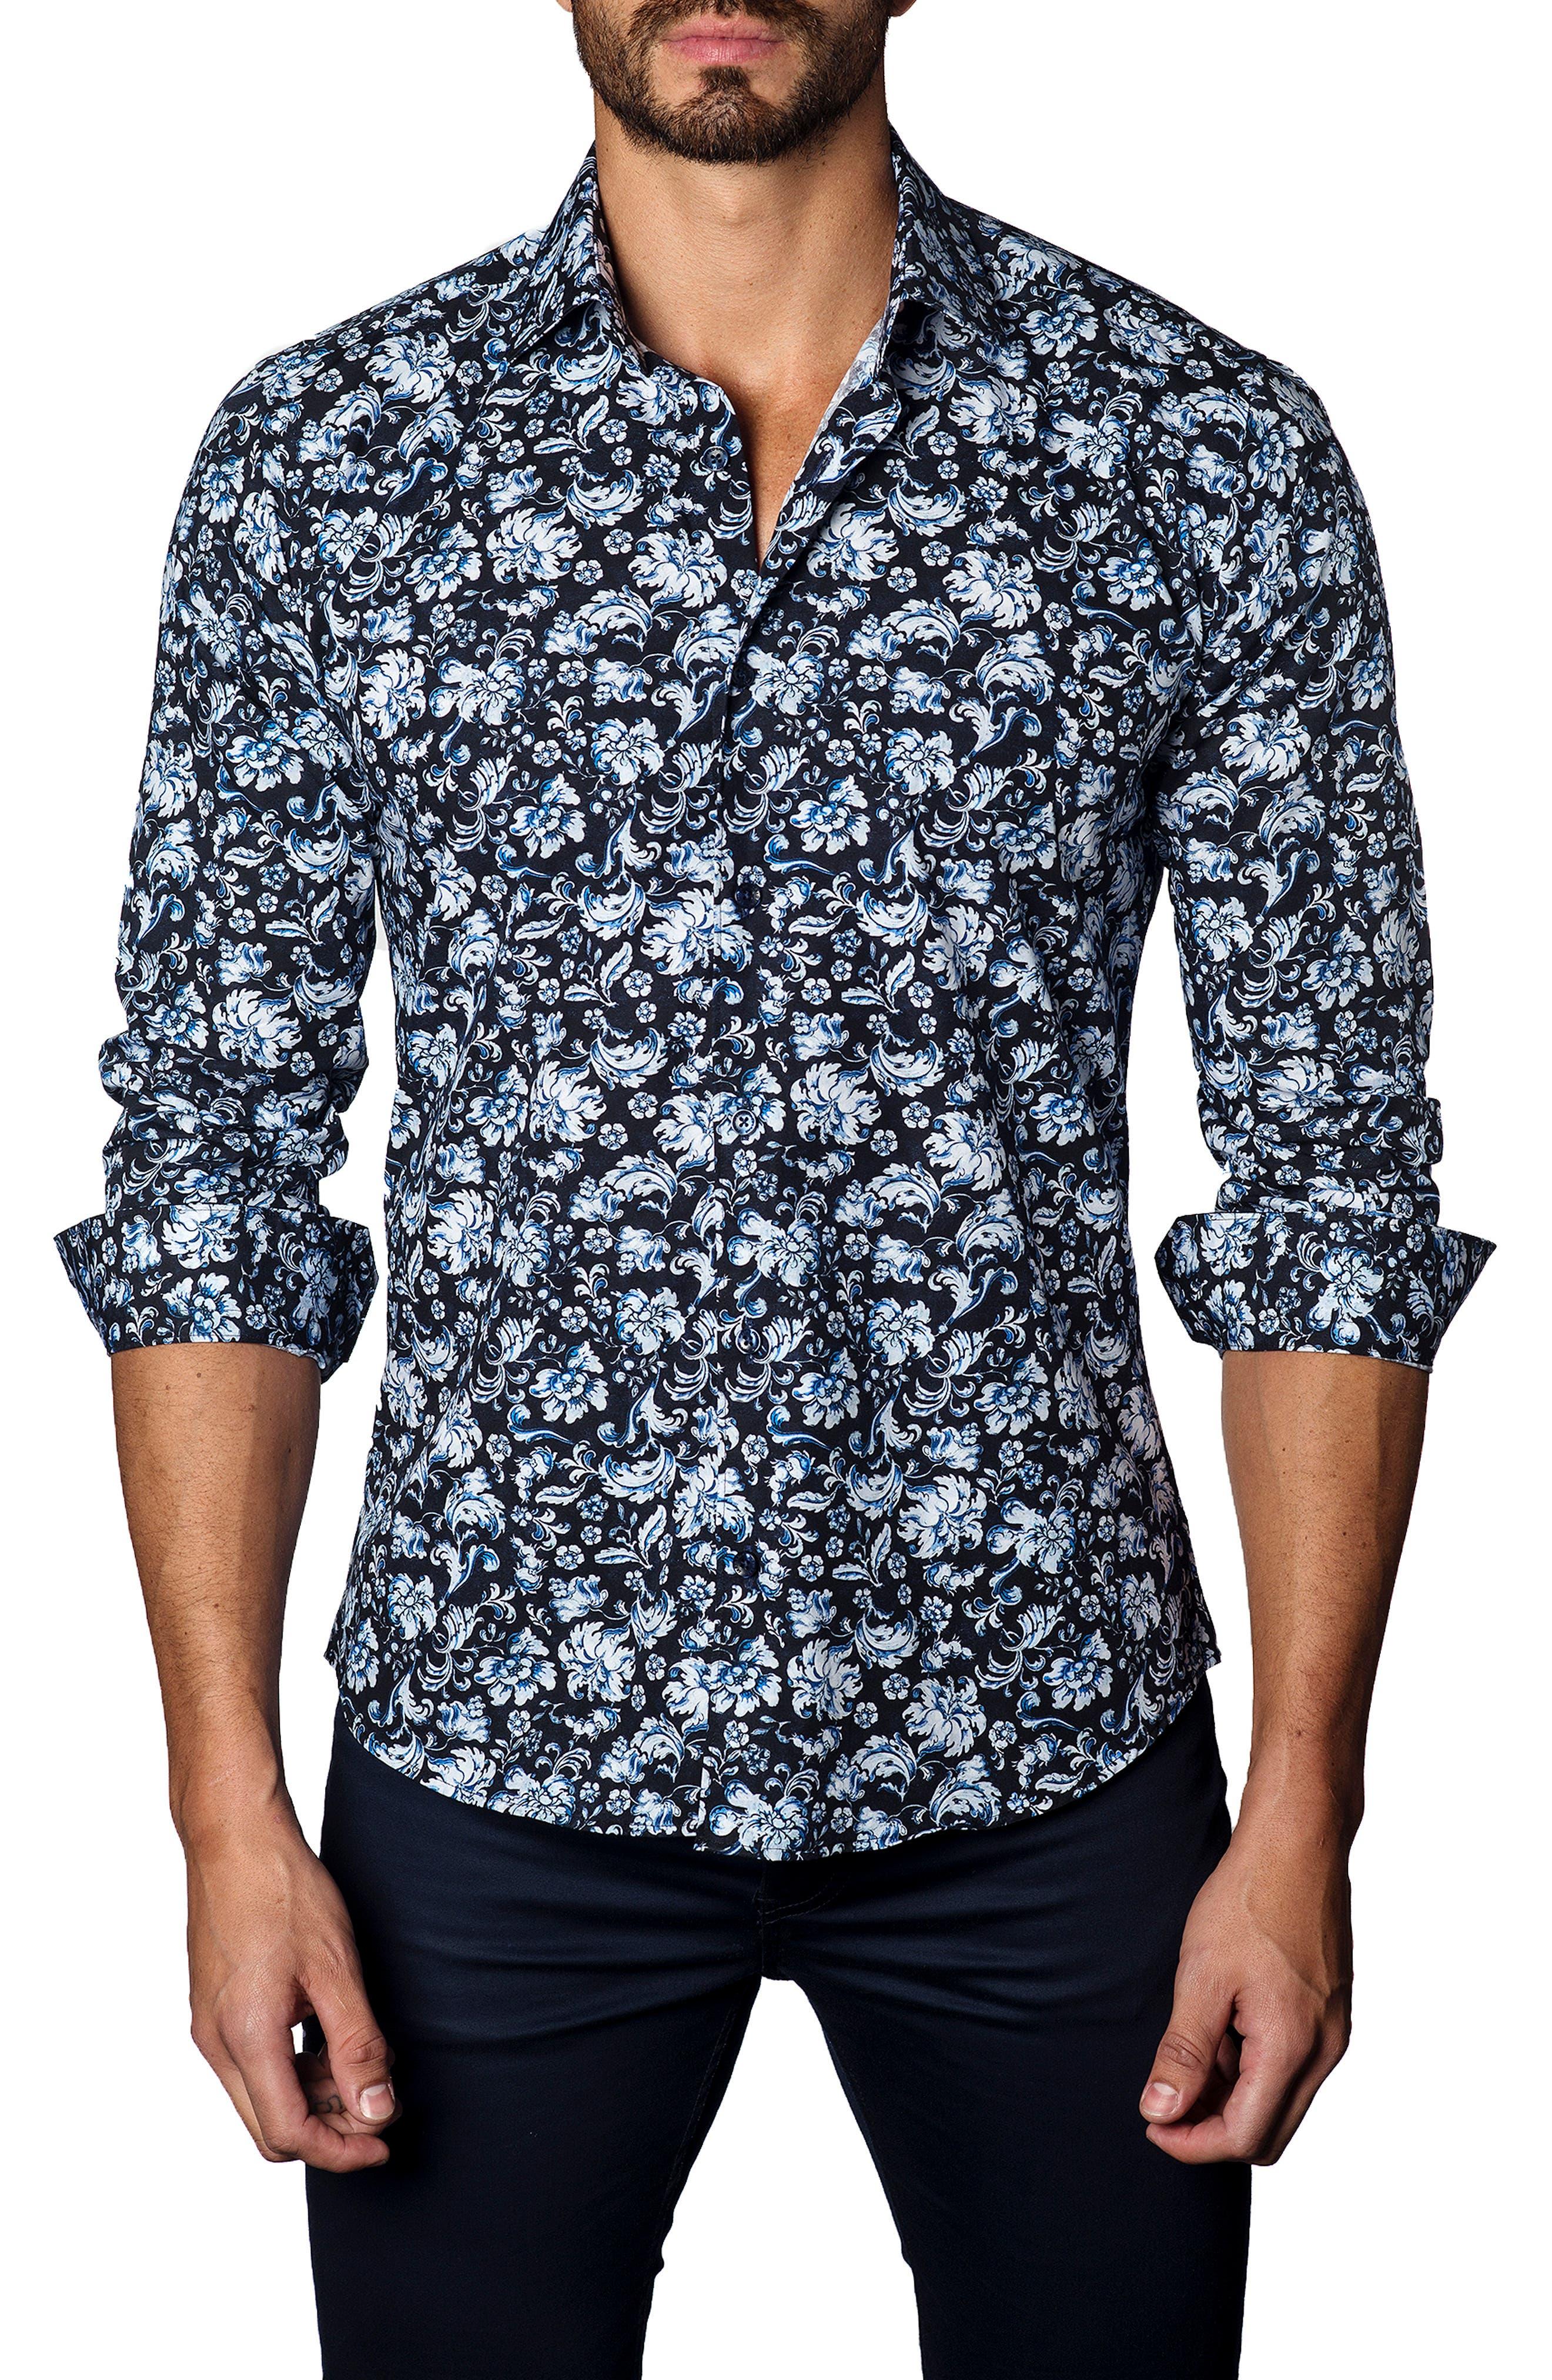 Trim Fit Paisley Button-Up Shirt